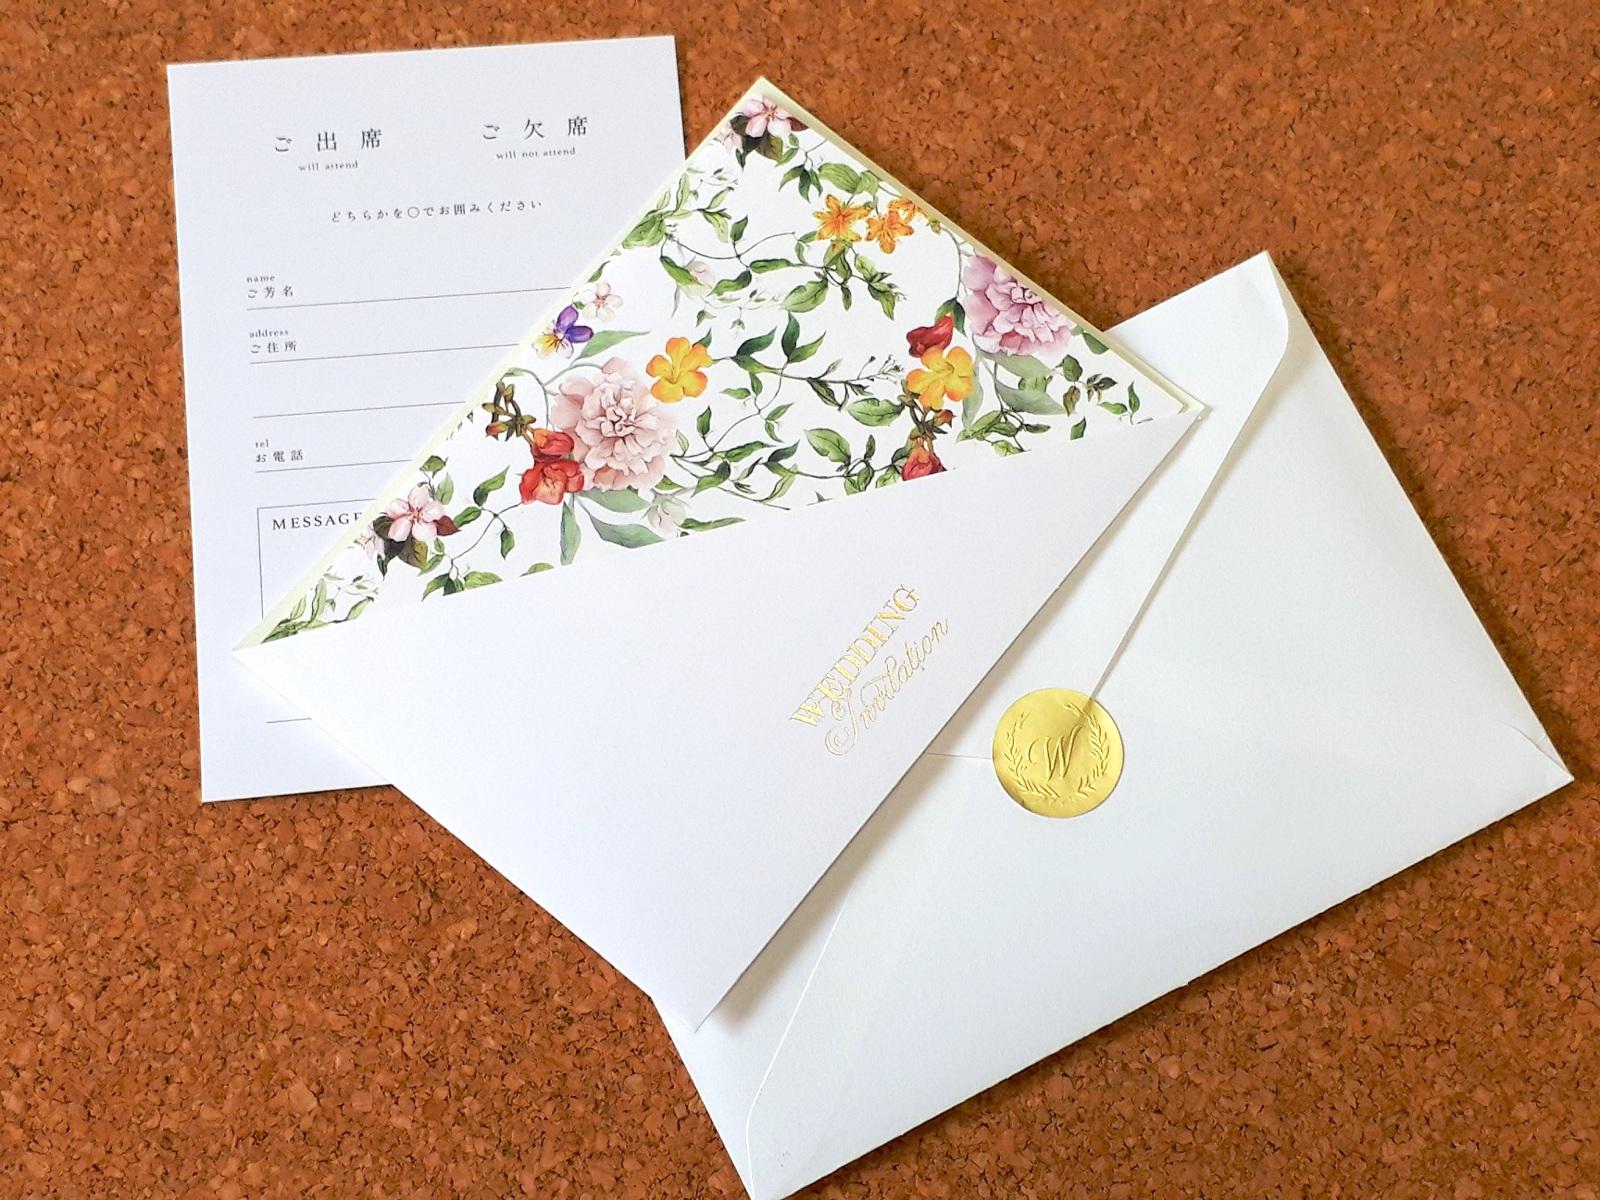 【結婚式】結婚が決まった途端に部署移動!招待するのは前の部署の人?結婚式時の部署の人?